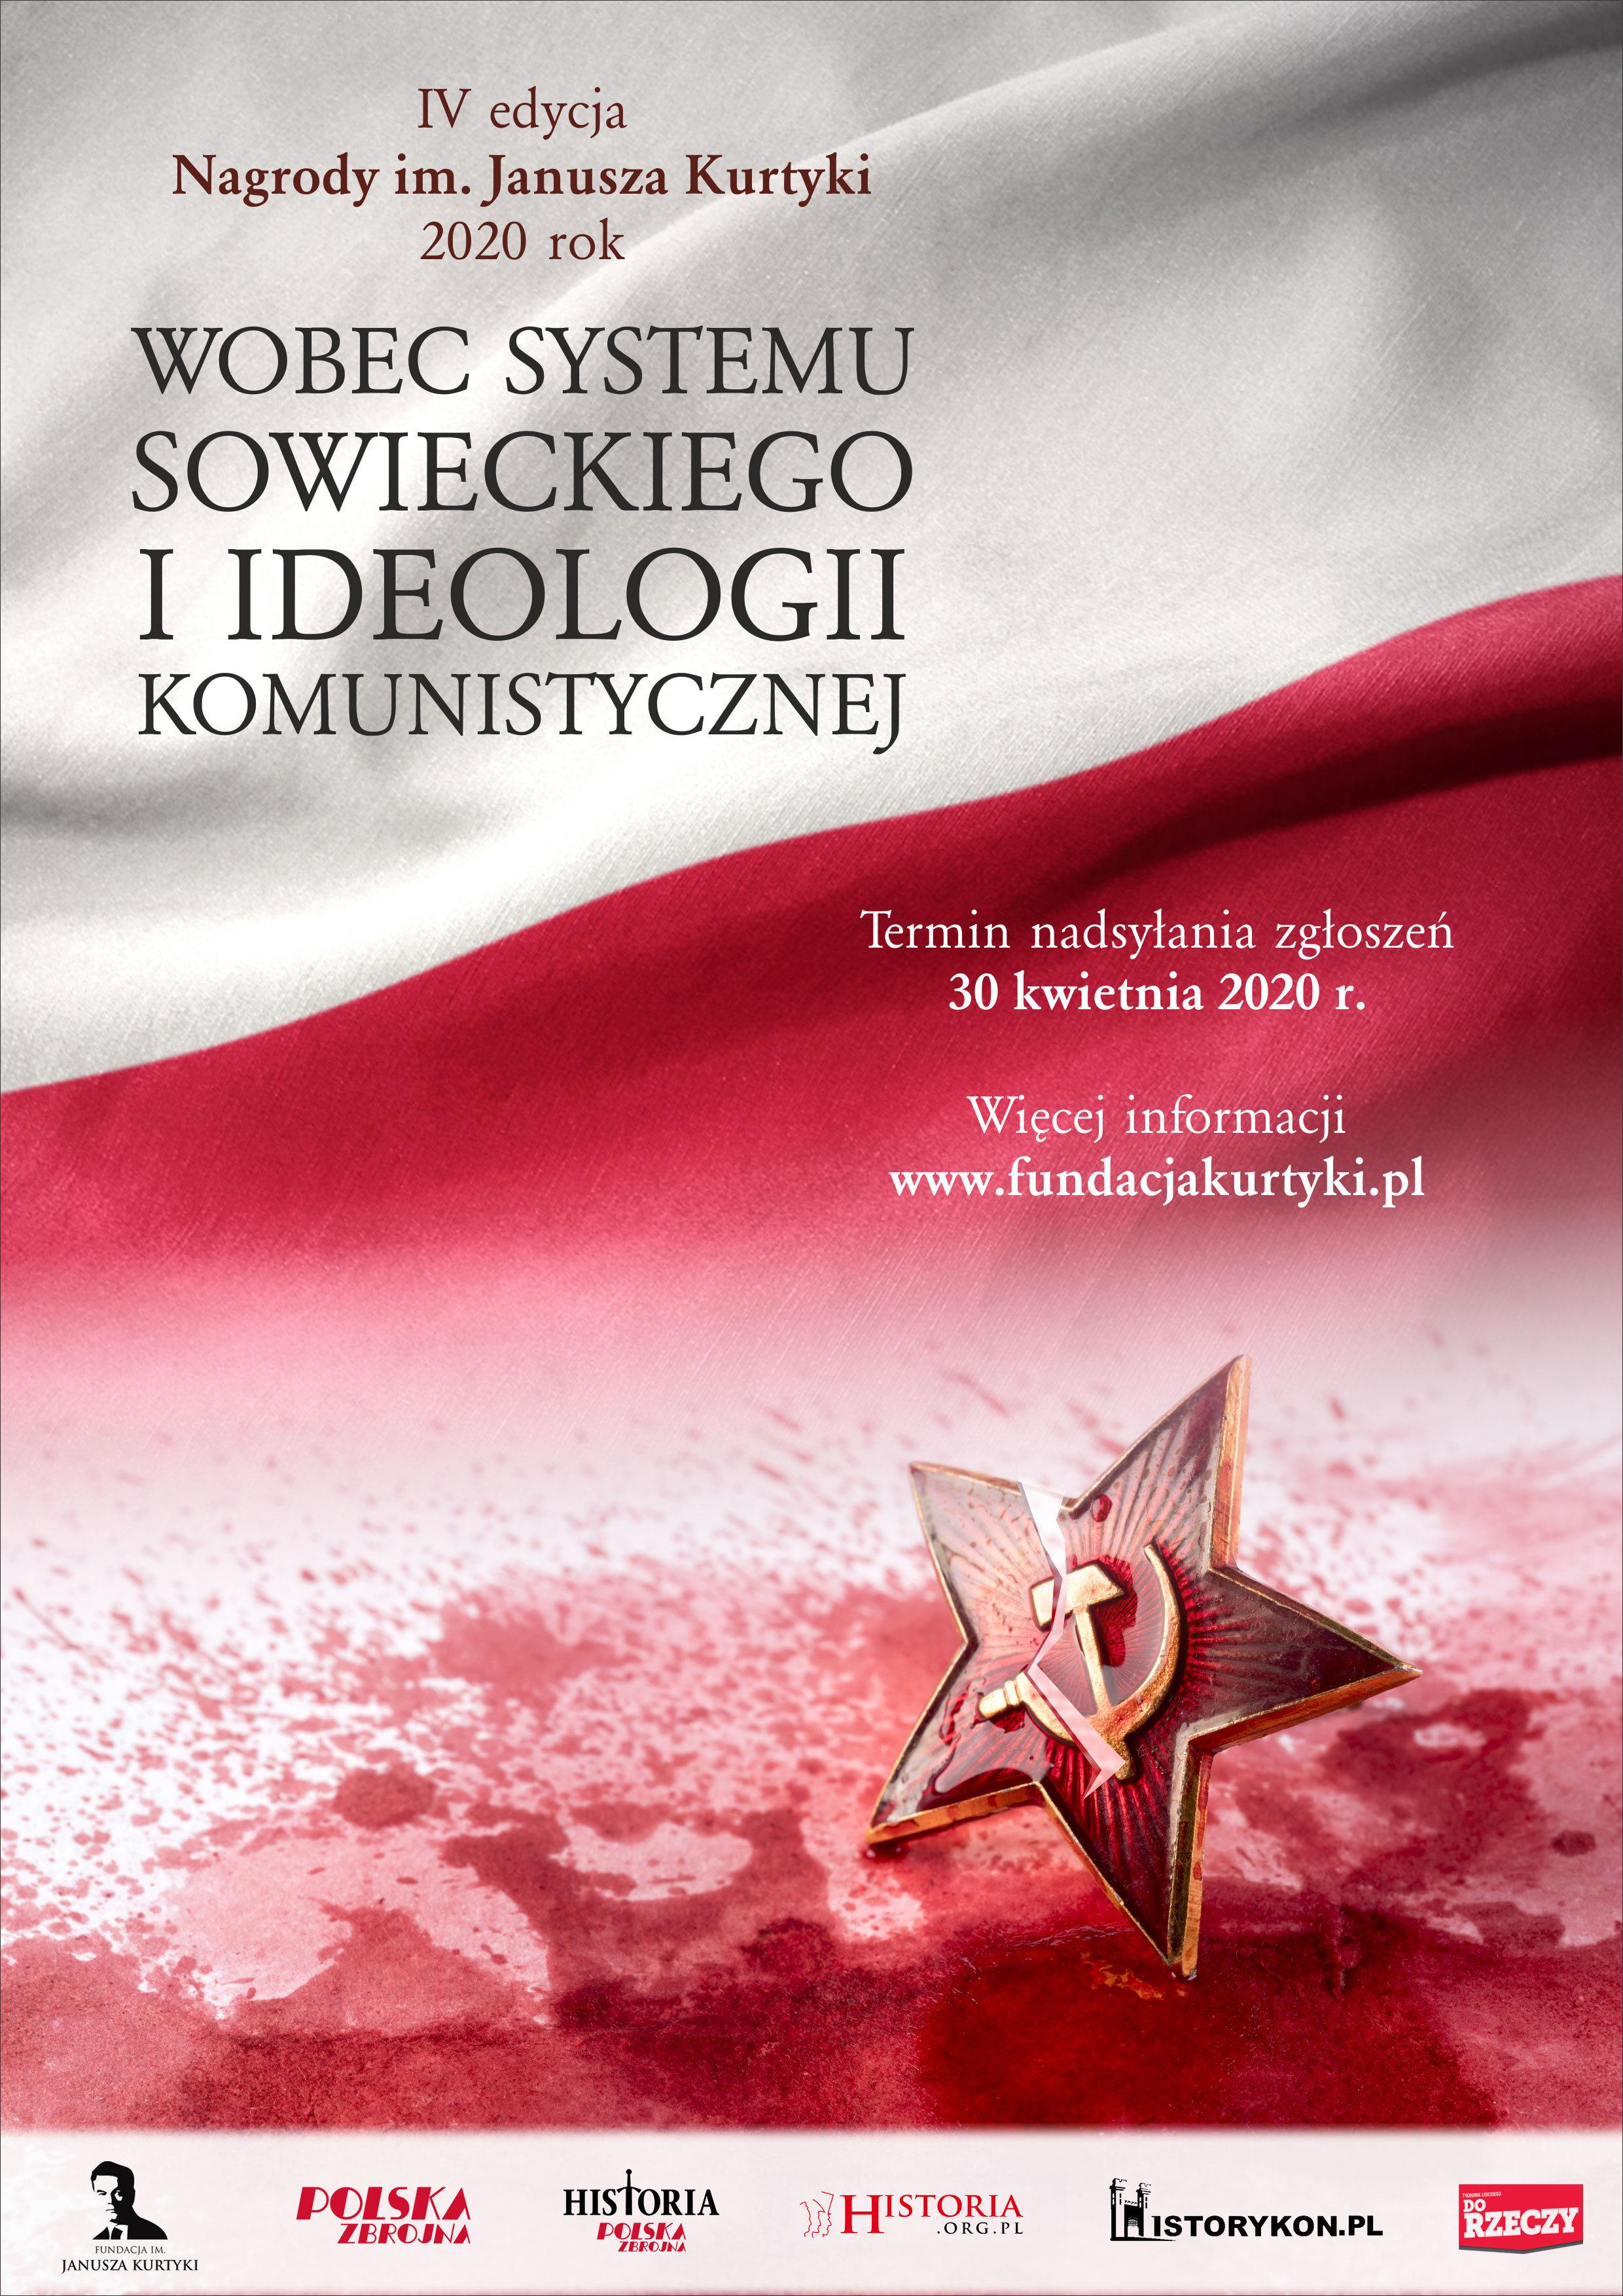 Konkurs im. Janusza Kurtyki